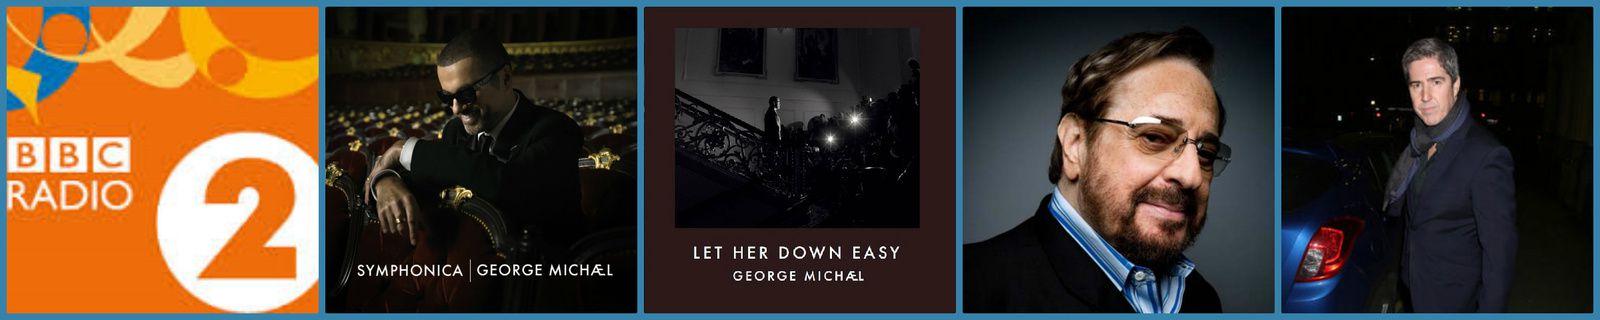 BBC RADIO 2 MET GEORGE MICHAEL A L'HONNEUR